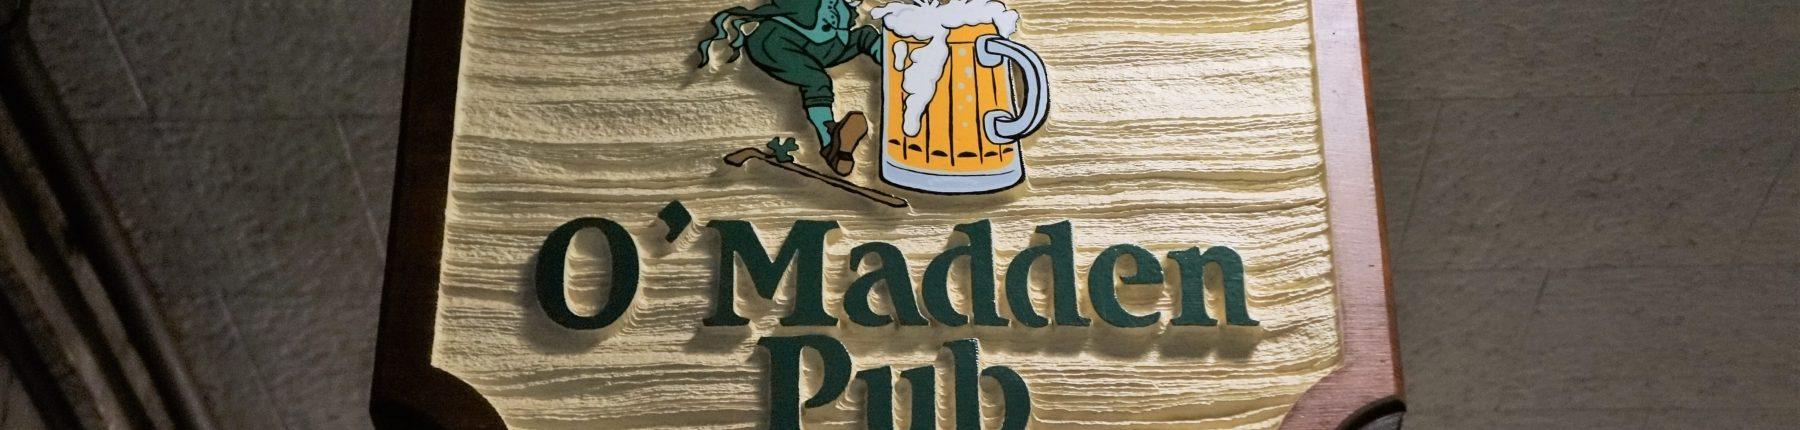 O' Madden Pub